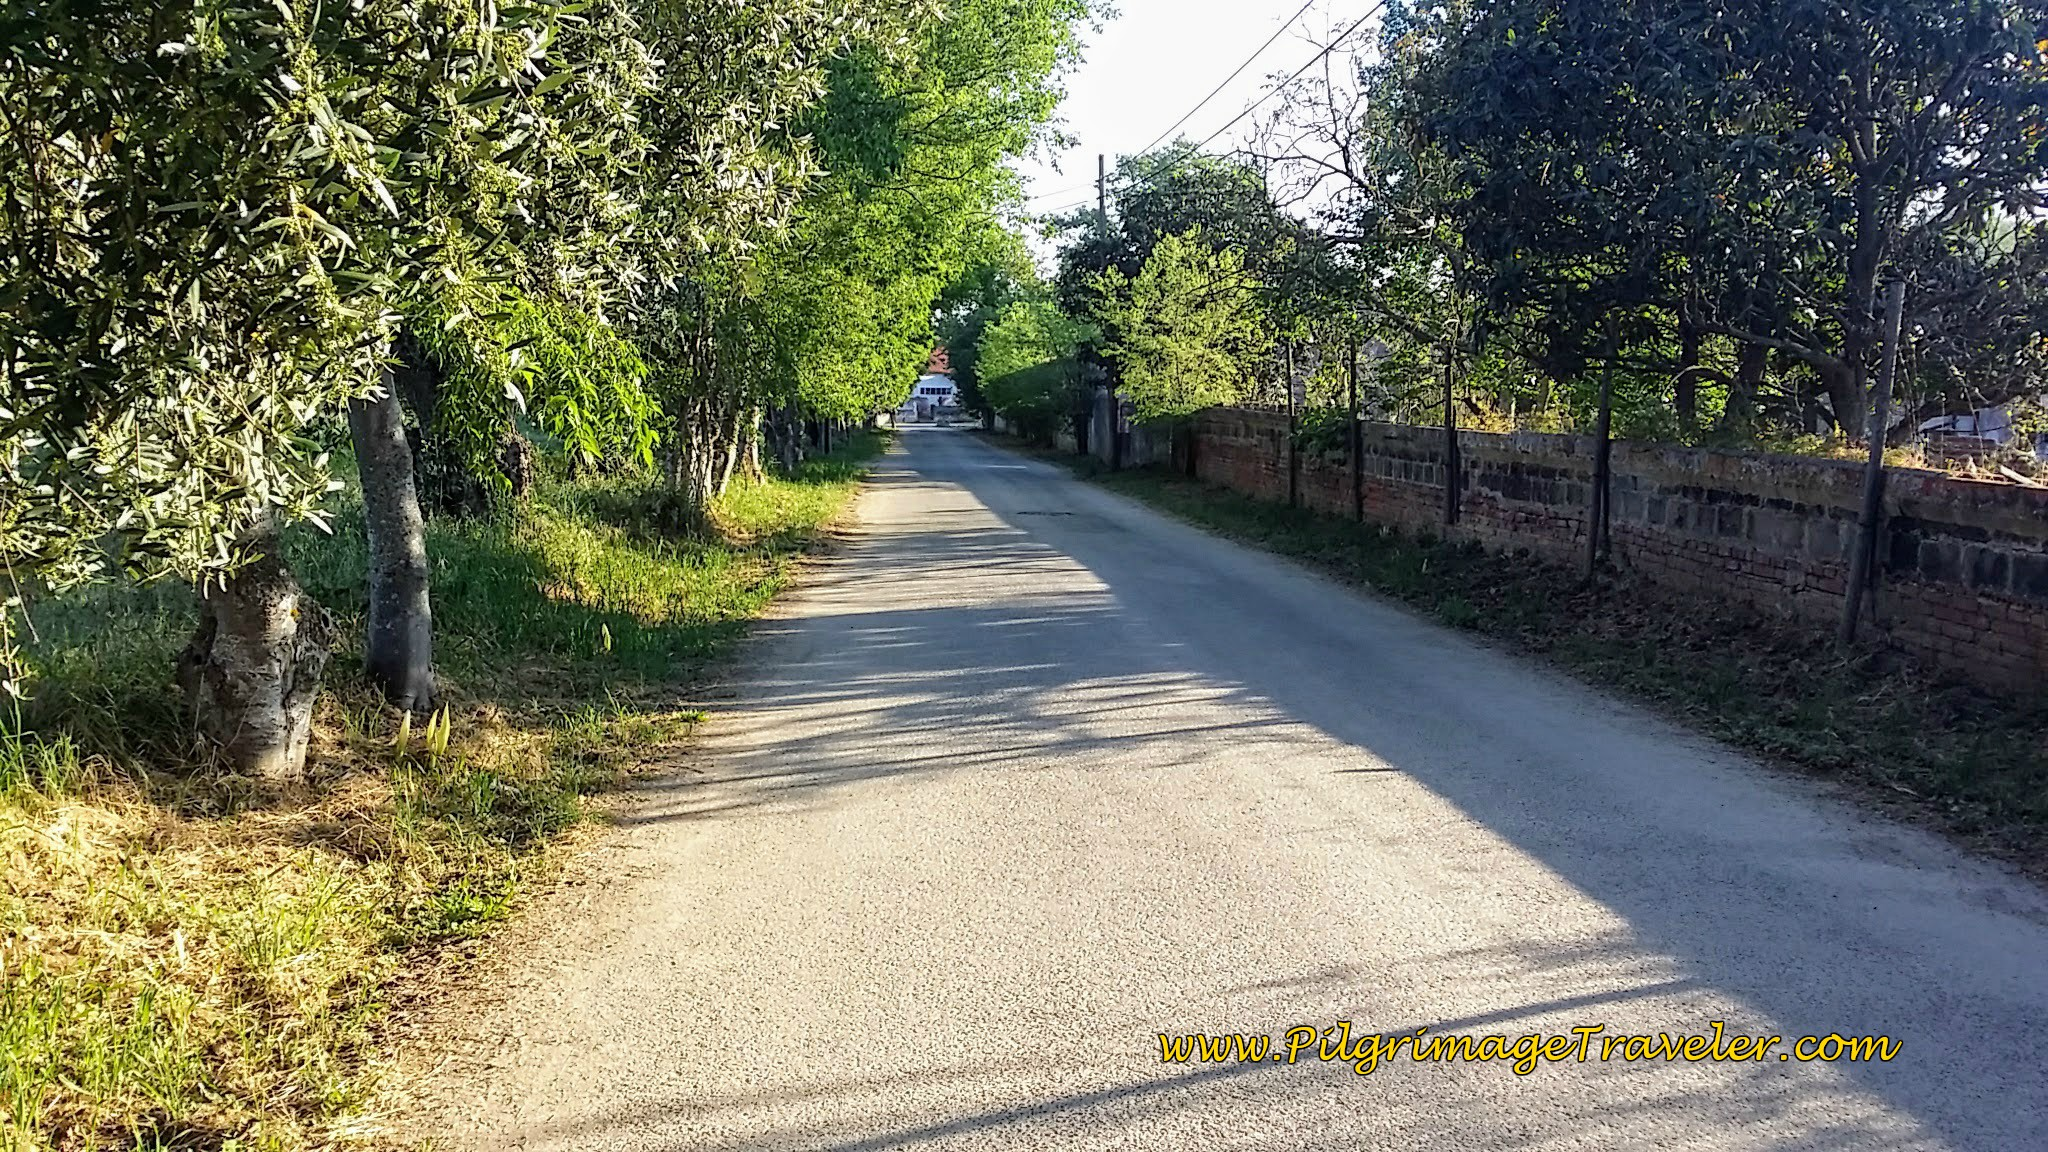 Approaching the Quinta da Cardiga on the Camino Portugués near São Caetano, Portugal